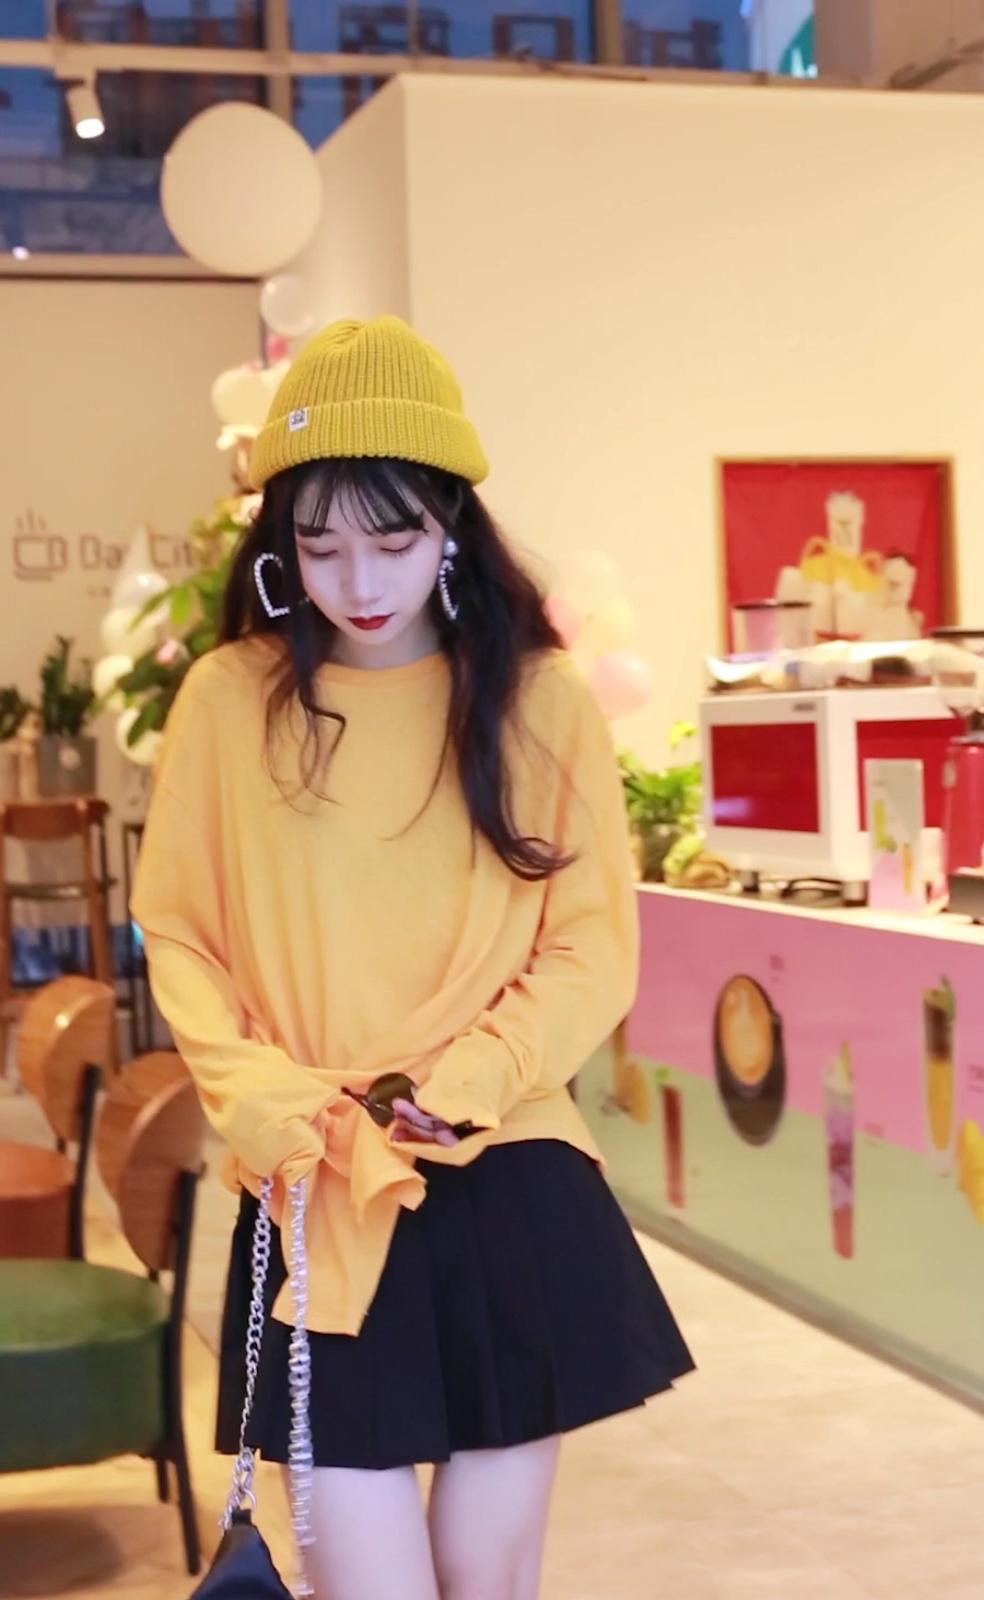 #夏秋交替,办公室最佳look#  小个子女生也可以拥有大长腿!!!嘻嘻 我最爱的短裙标配!!! 橙色也有提亮肤色的作用 而且穿上超级显瘦!!!